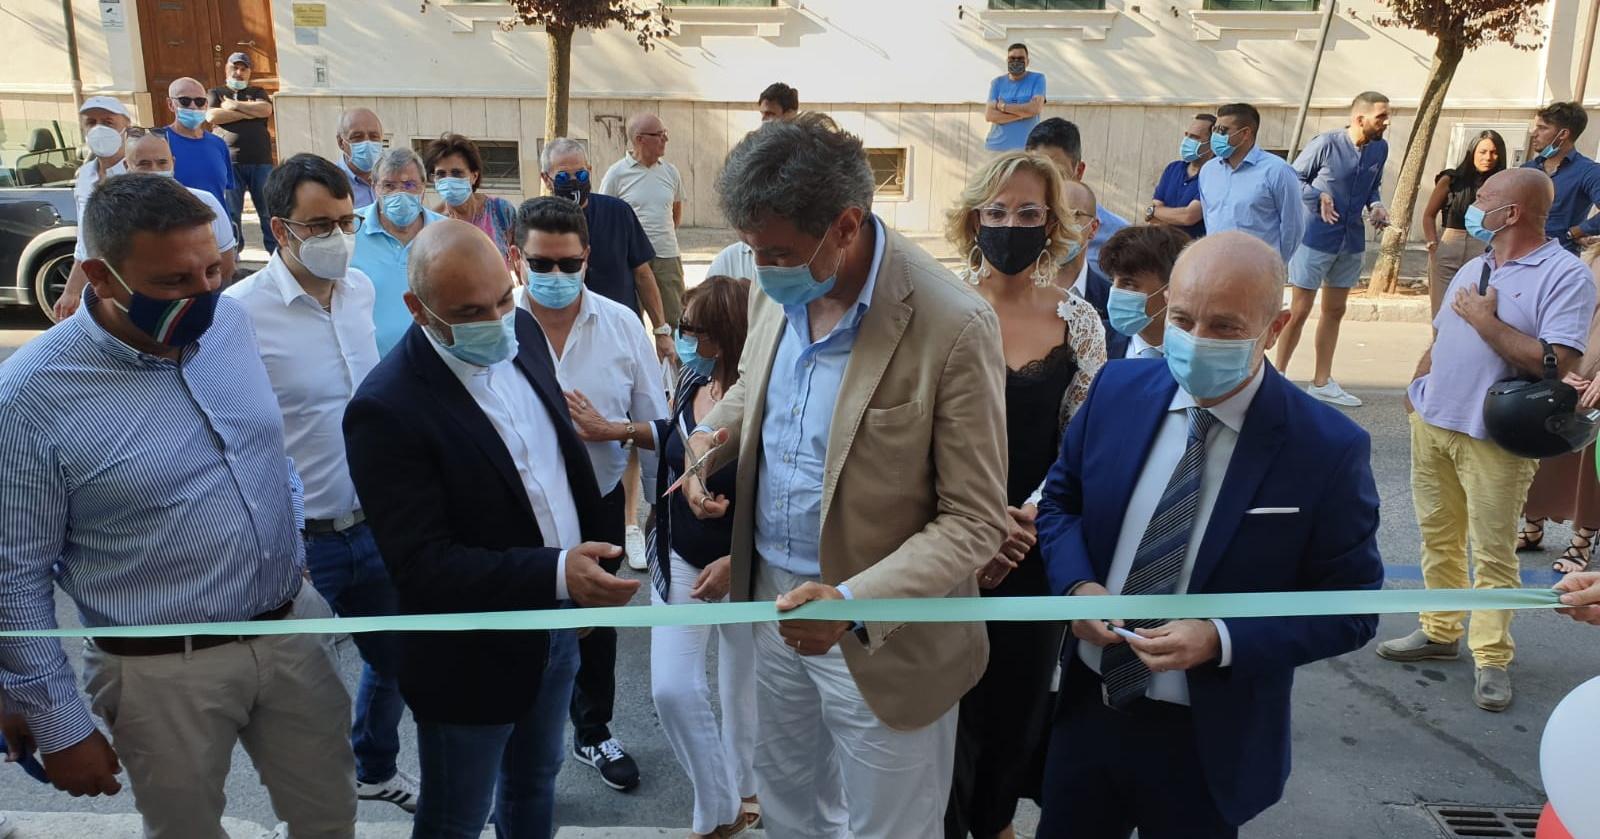 """Marsilio ad Avezzano per Genovesi promette che il primo ospedale a essere costruito in Abruzzo sarà quello di Avezzano: """"Fratelli d'Italia vuole essere in assoluto il primo partito della città"""""""